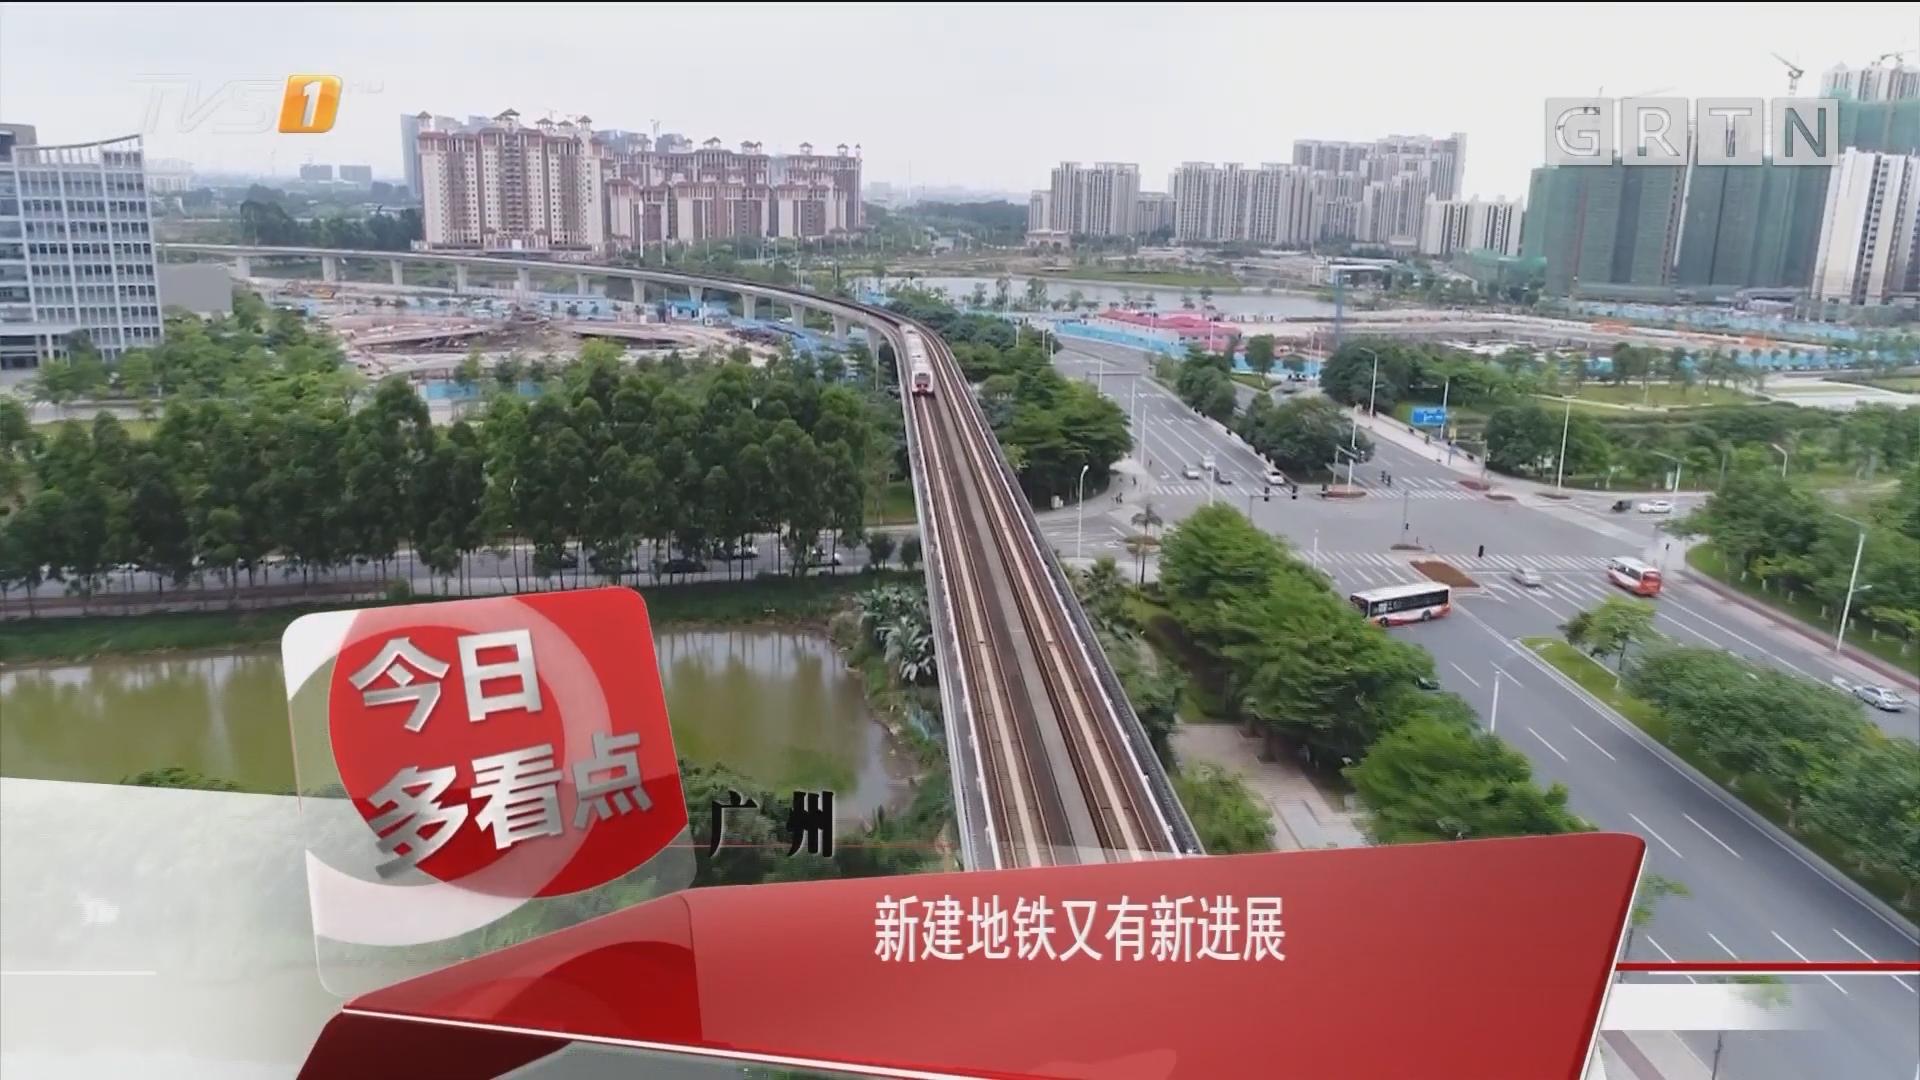 广州:新建地铁又有新进展